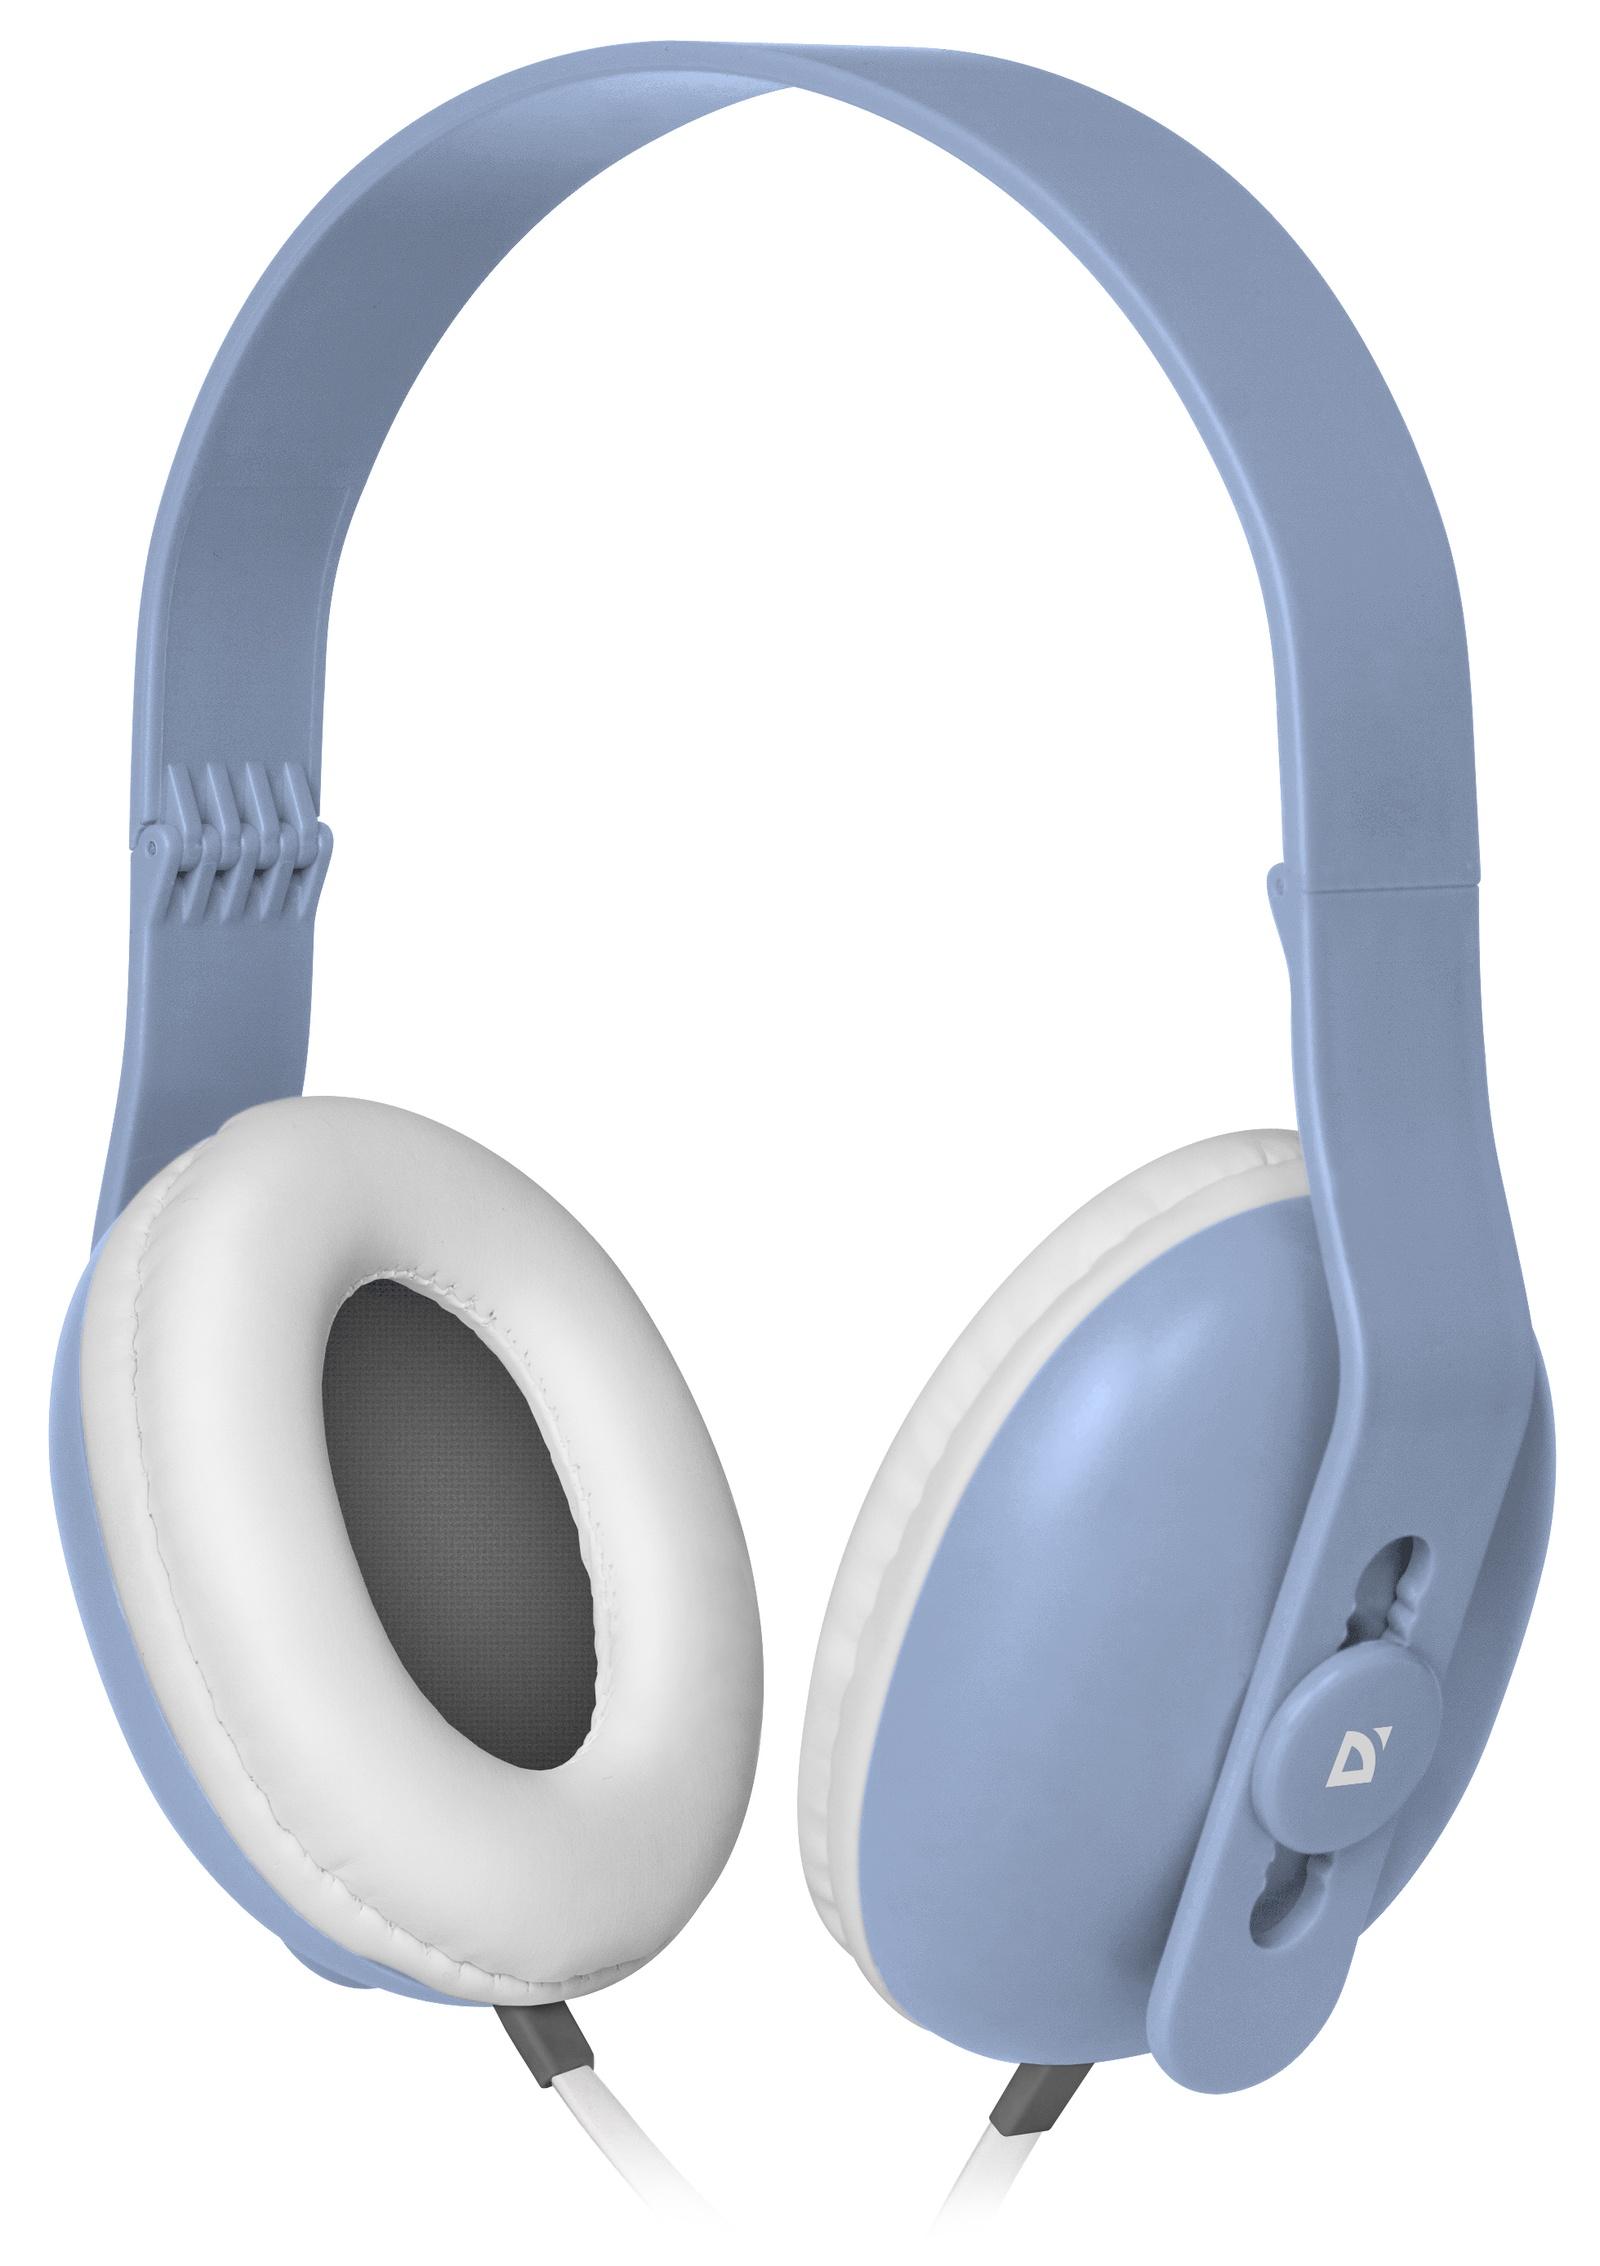 все цены на Компьютерная гарнитура Defender Fancy 440, голубой онлайн